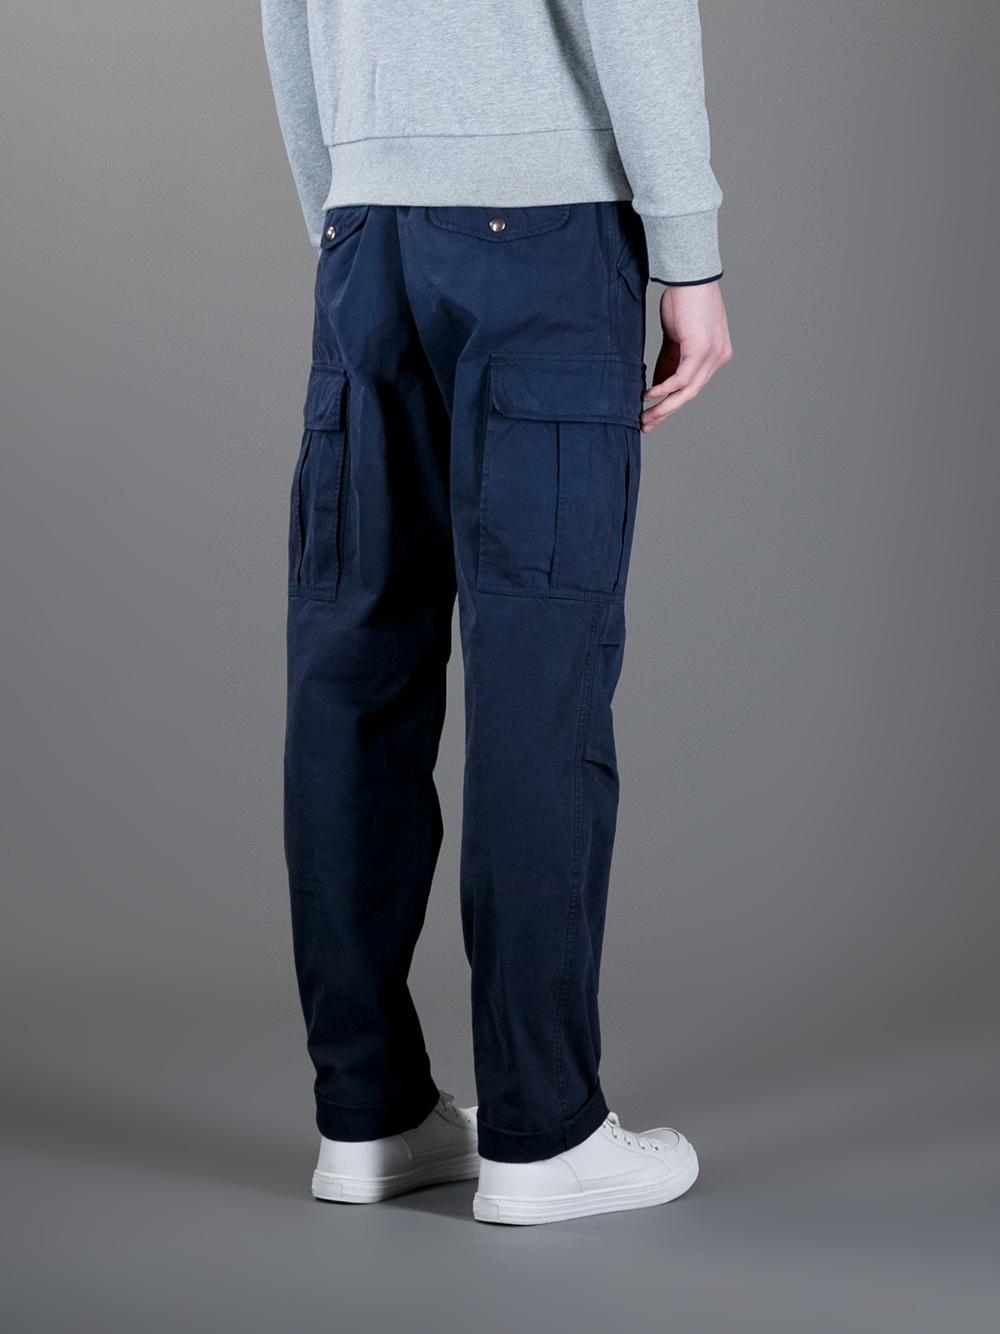 Moncler Straight Leg Cargo Trouser in Navy (Blue) for Men